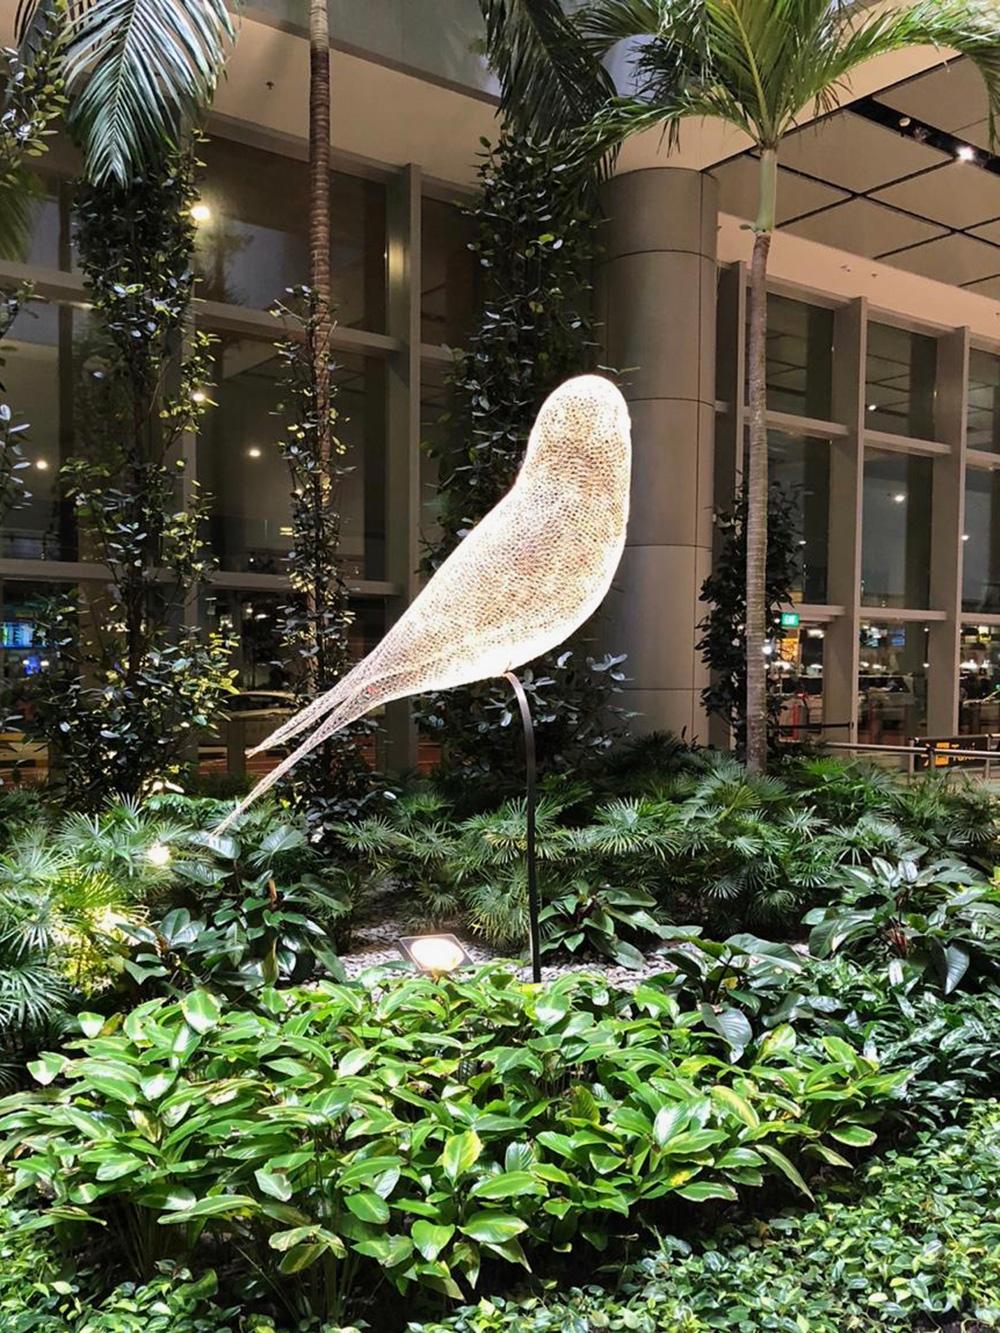 Уже в аэропорту понятно, что в этом городе любят красоту и роскошь. Сова светится тысячами ярких лампочек